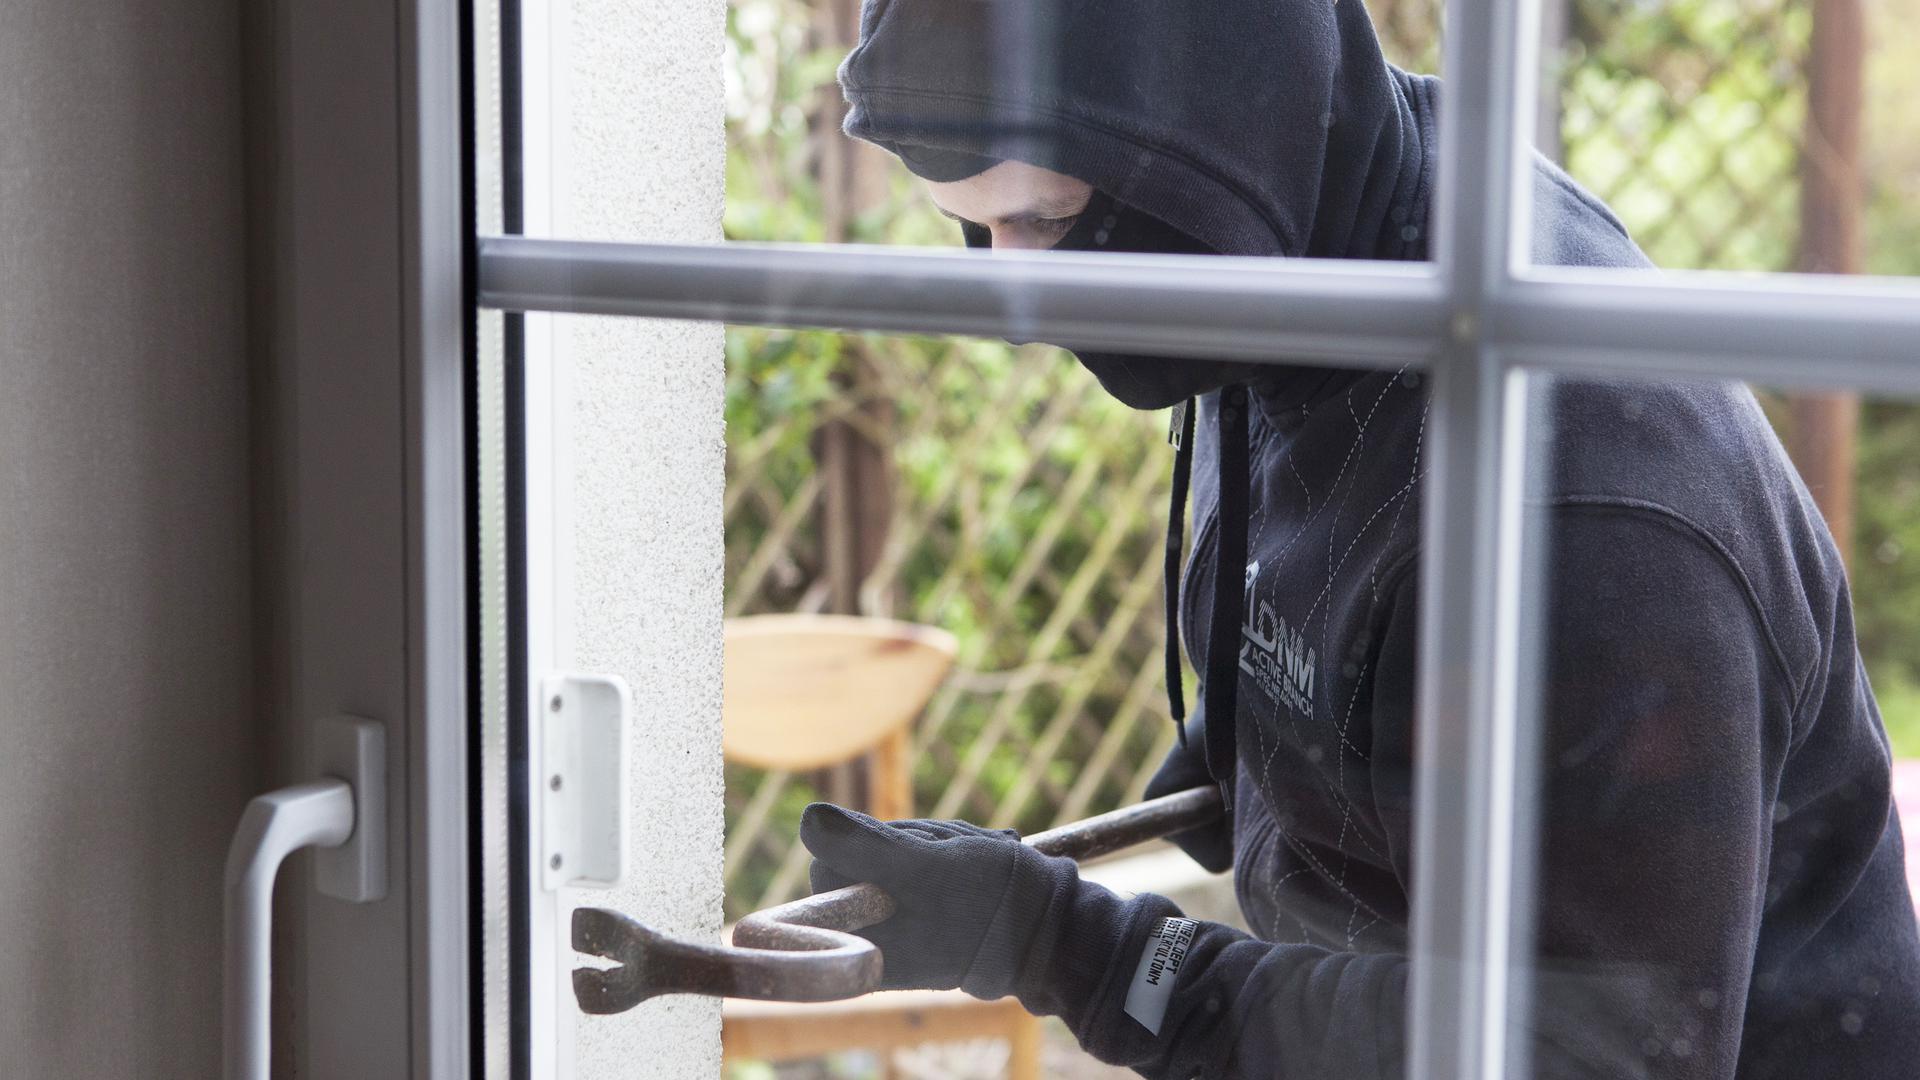 burglary image